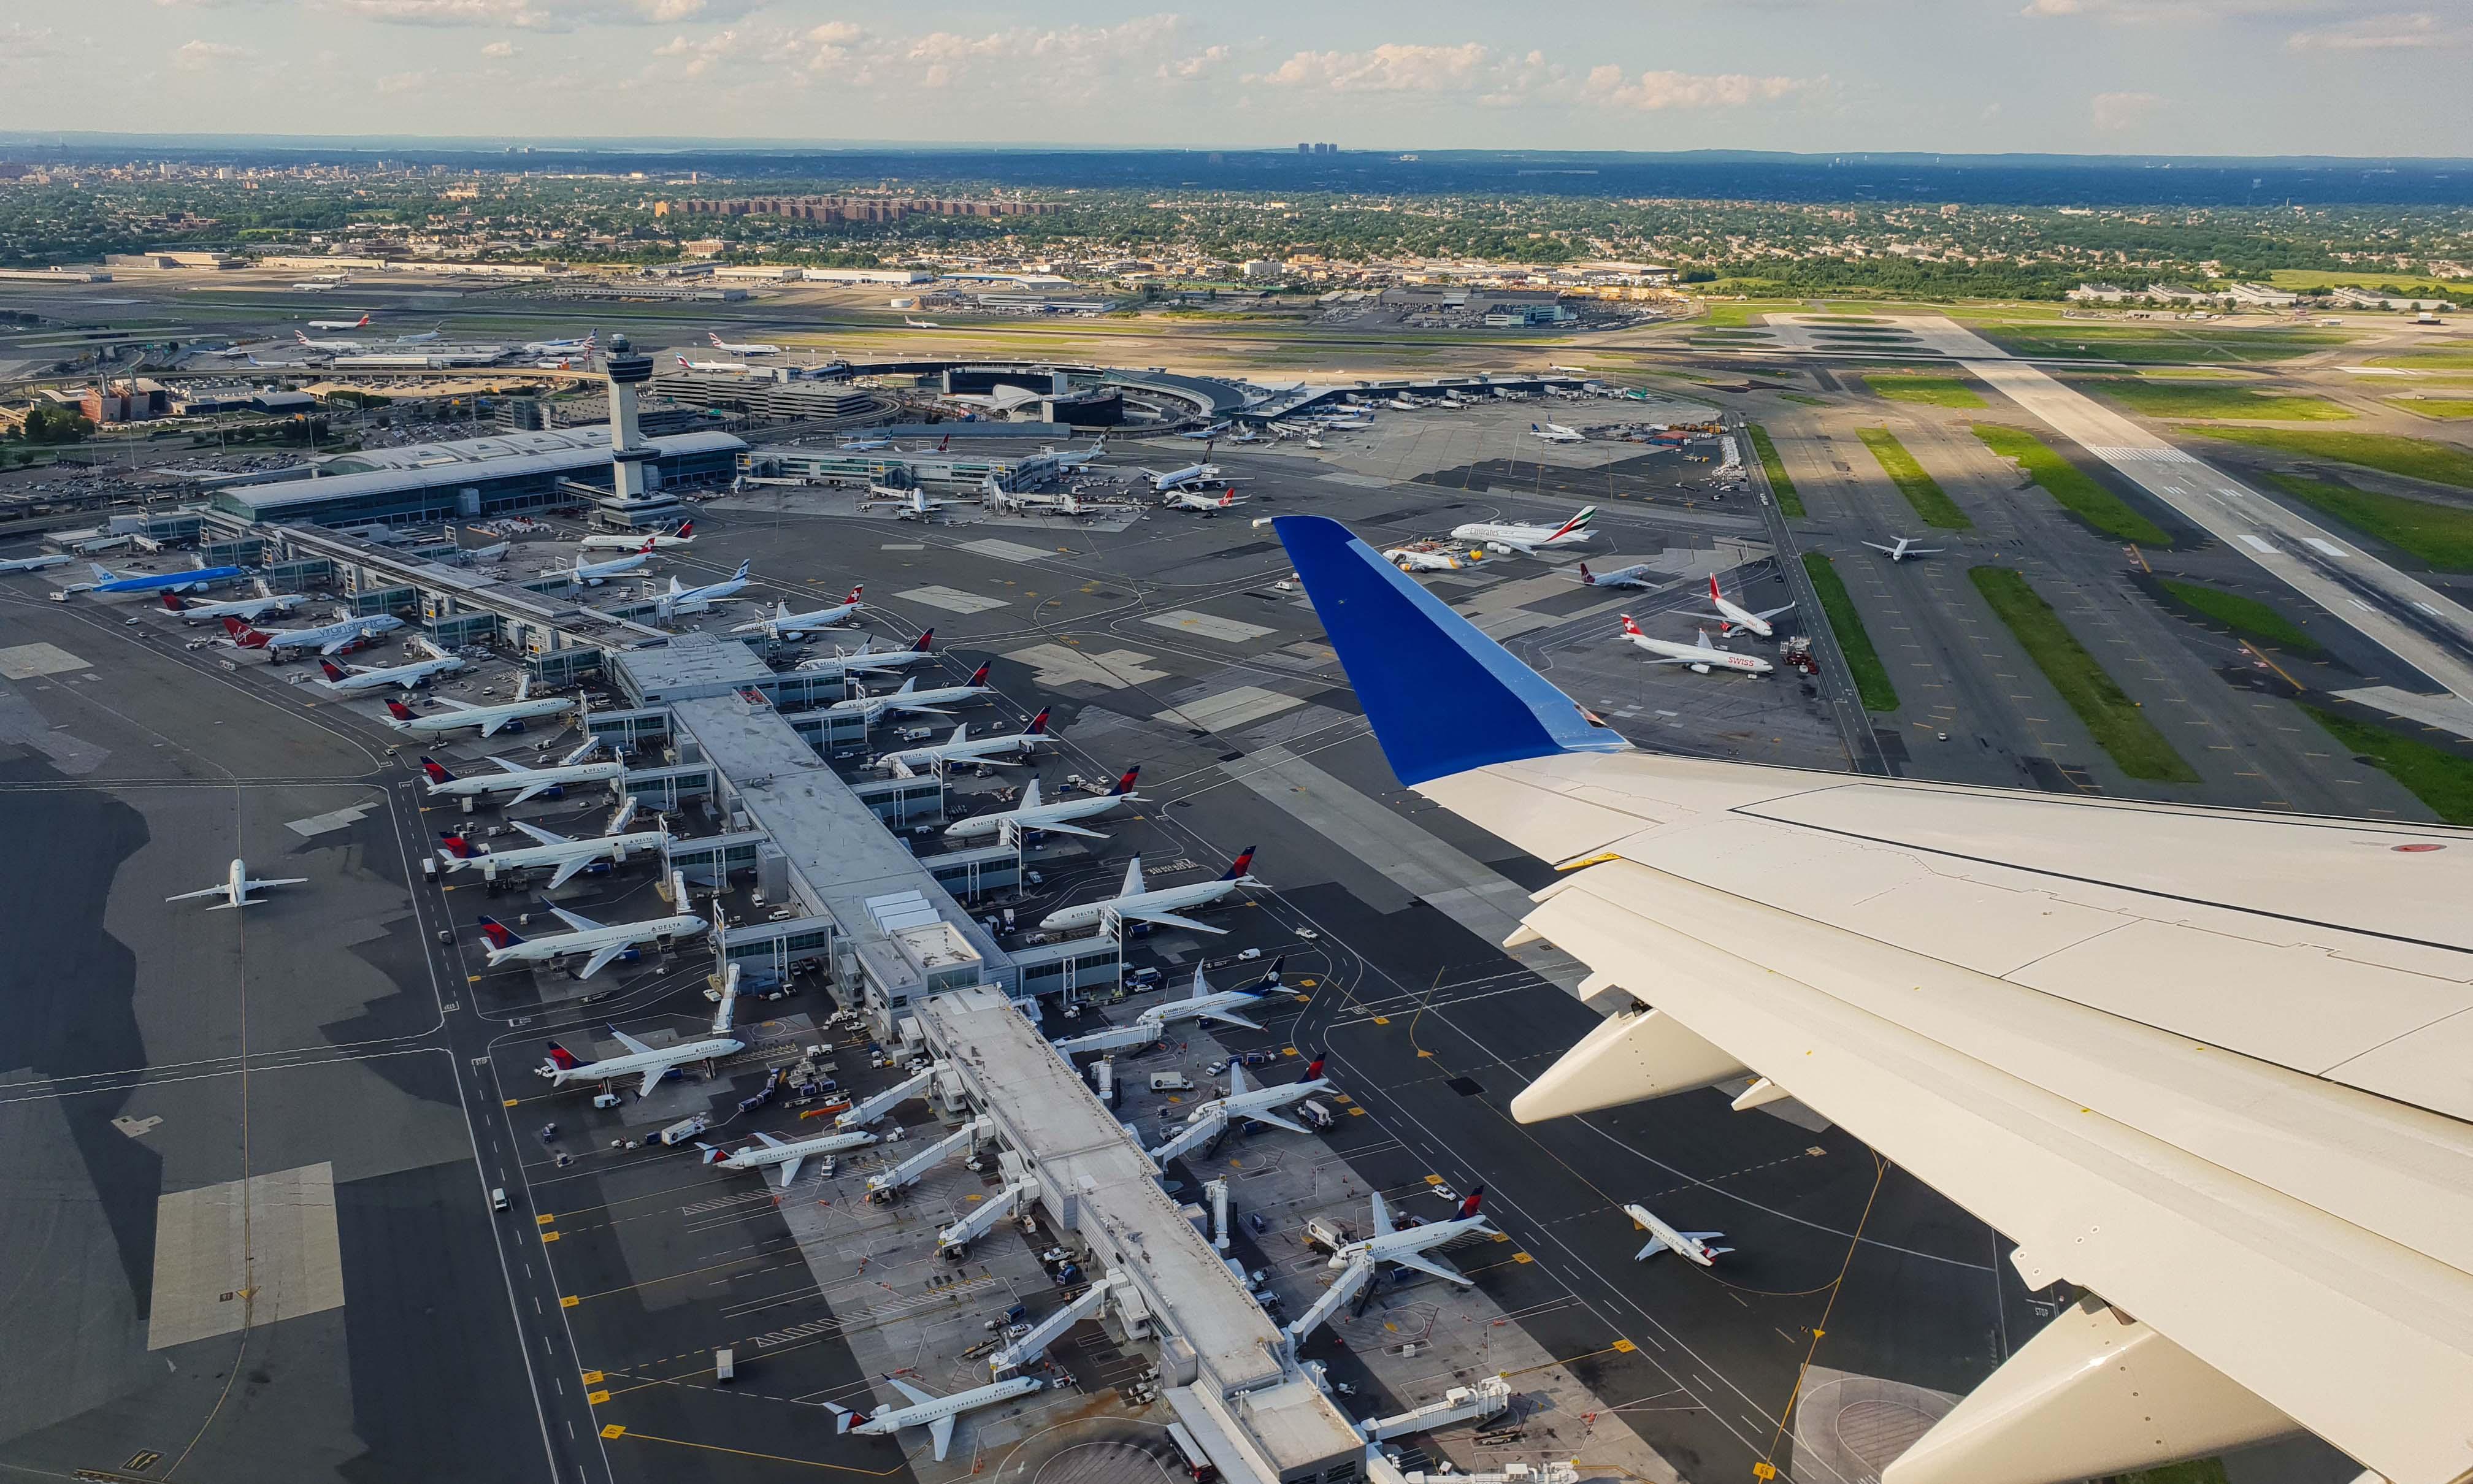 Rekomendasi Perumahan di Makassar, Eksklusif dalam Area Aerotropolis Airport